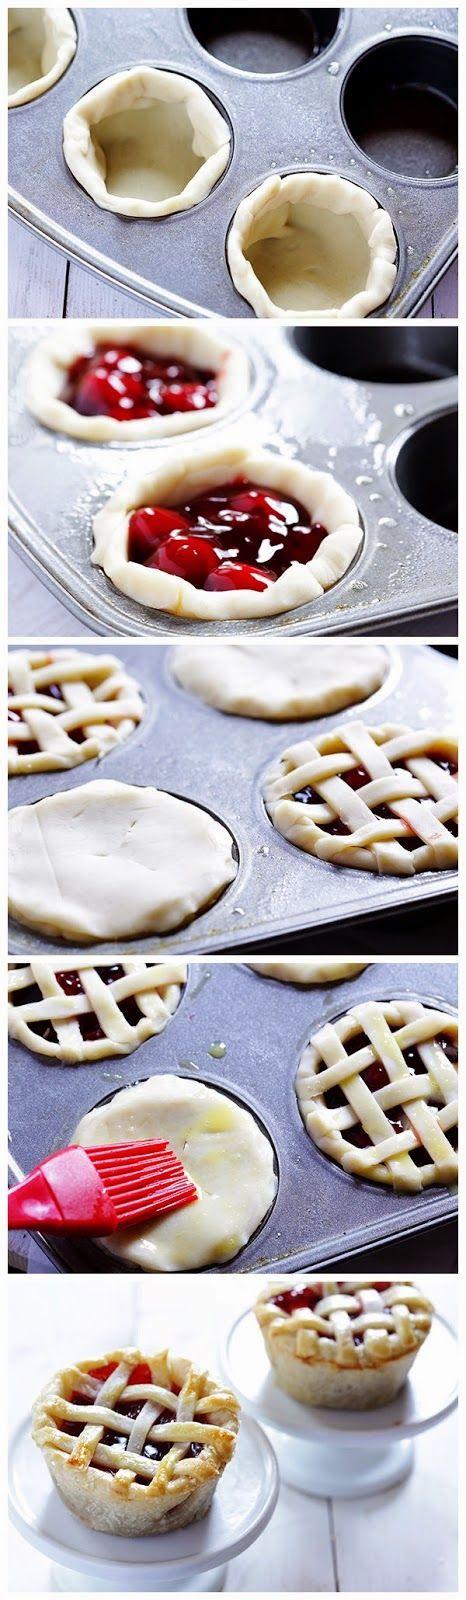 Damit könnte ich die viele Marmelade ein bisschen aufbrauchen. +++ Mini Pies in a Cupcake Tin